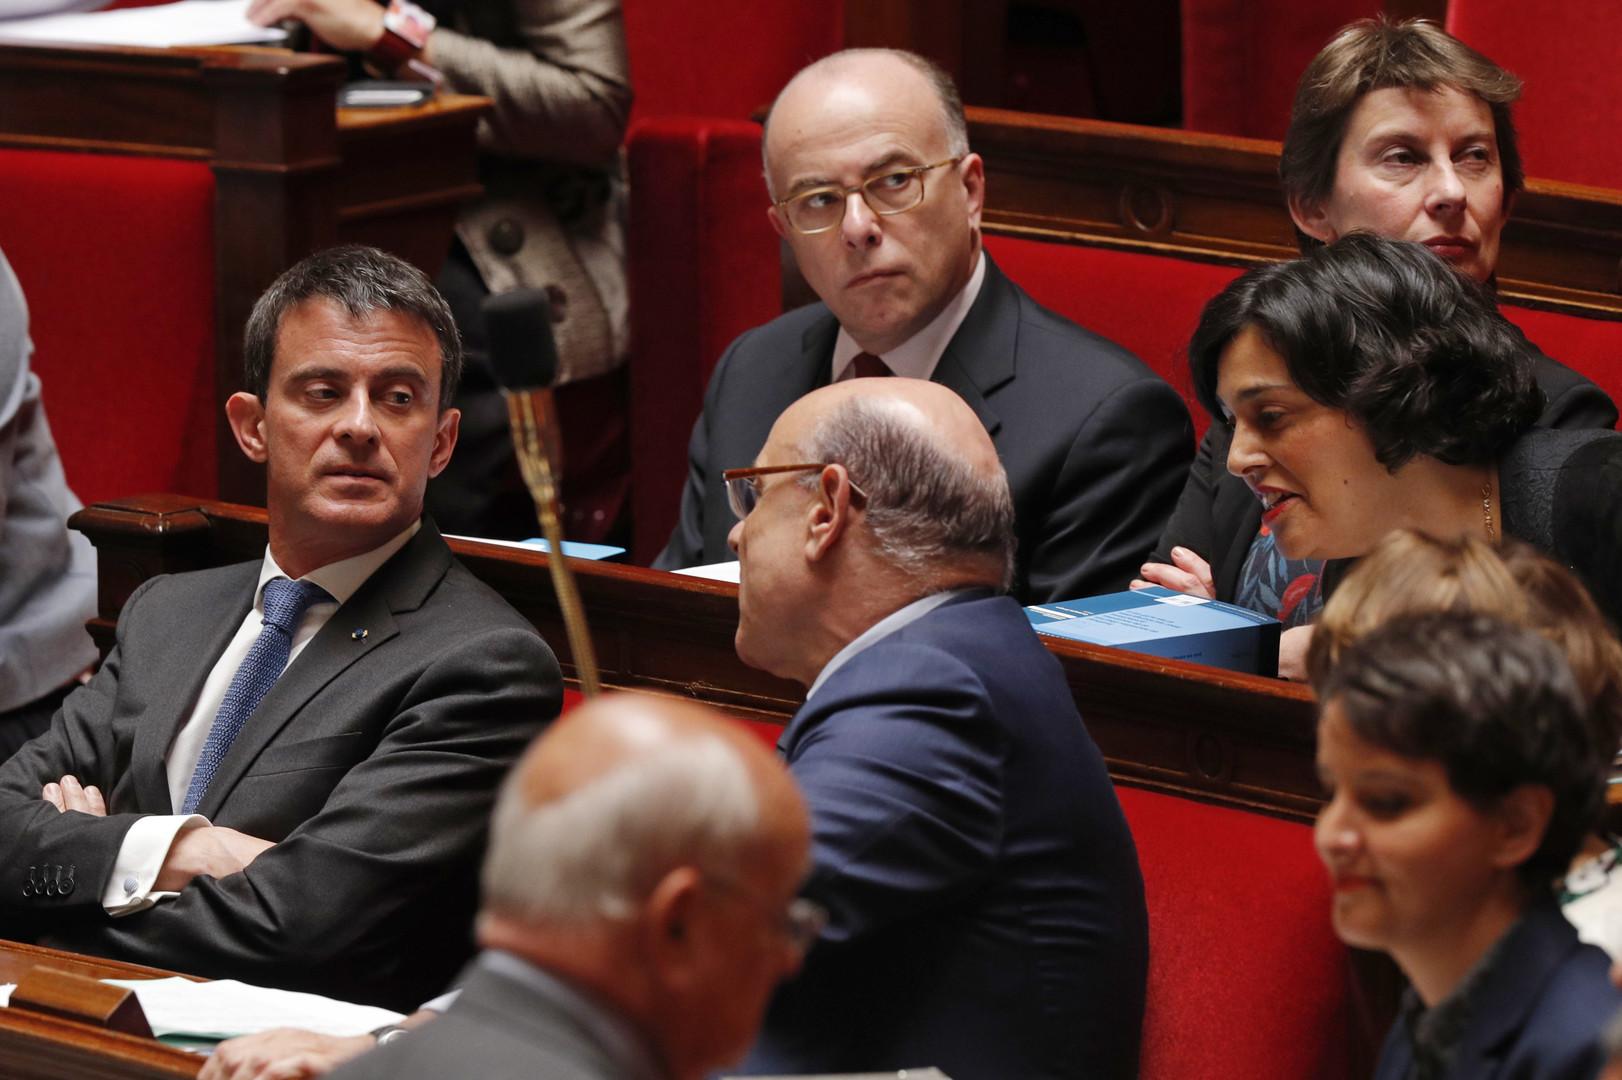 Le Premier ministre Manuel Valls en discussion avec le ministre des Relations avec le Parlement, Jean-Marie Le Guen et la ministre du Travail Myriam El-Khomri